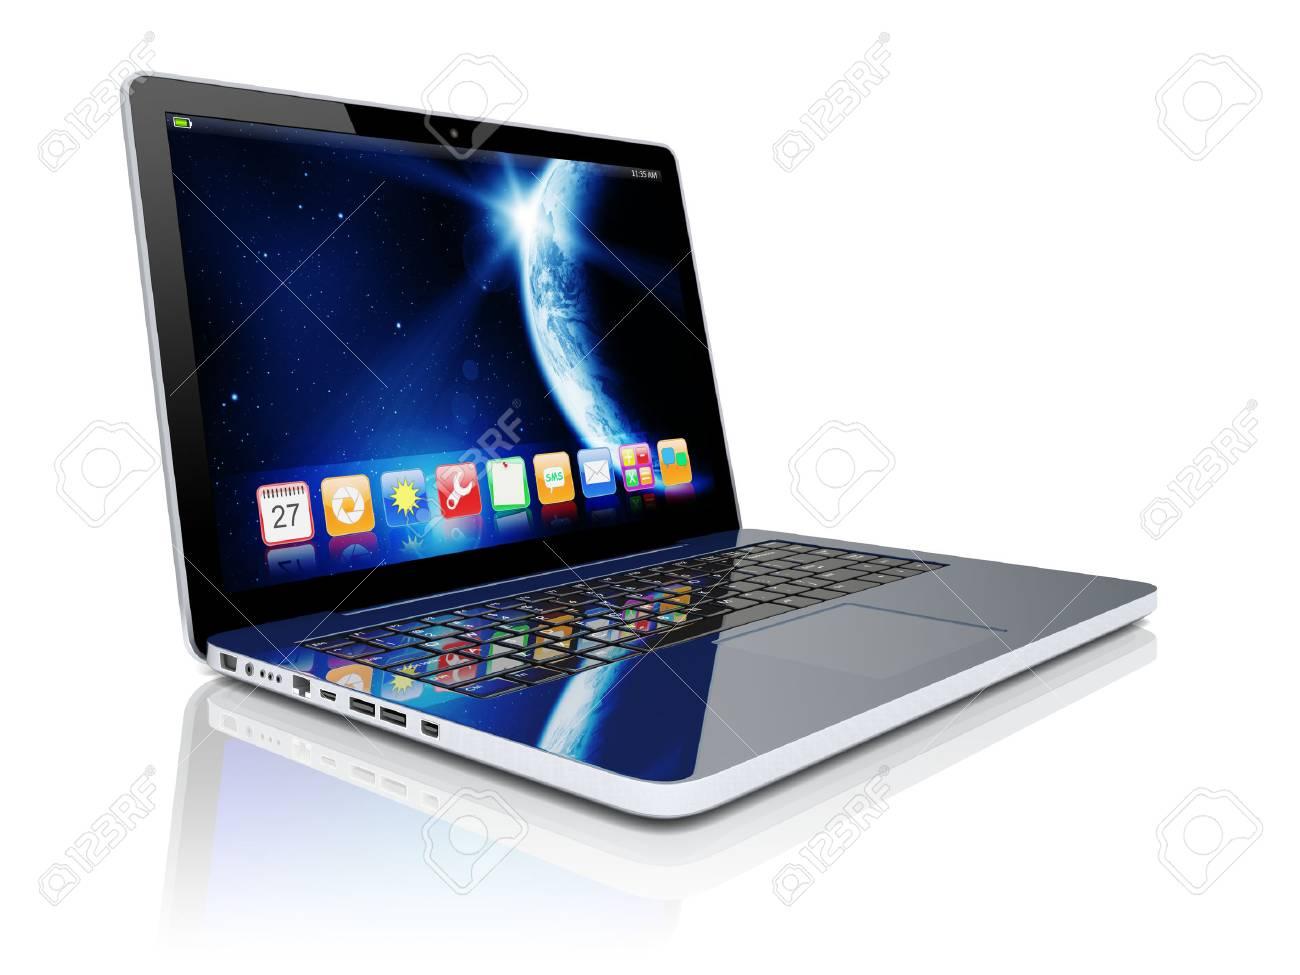 Laptop Mit Platz Dammerung Tapeten Und Anwendungen Auf Einem Bildschirm Lizenzfreie Fotos Bilder Und Stock Fotografie Image 35263187